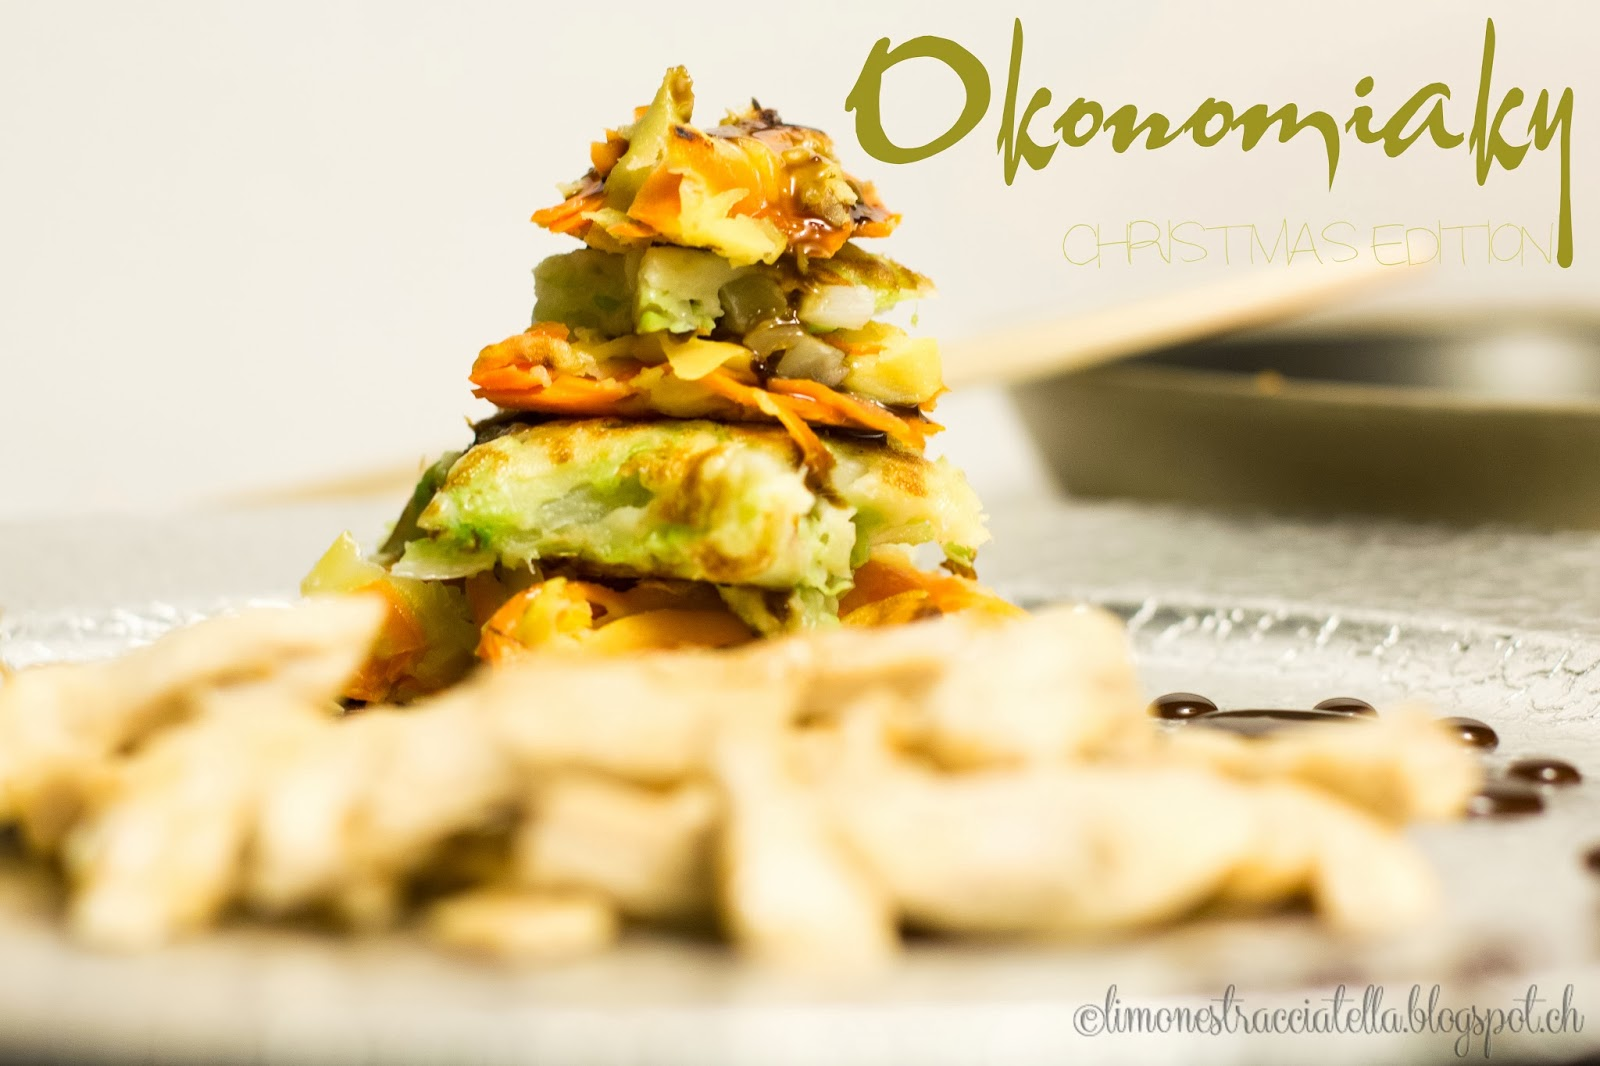 meglio tardi che mai: okonomiaky christmas edition (ma anche no)